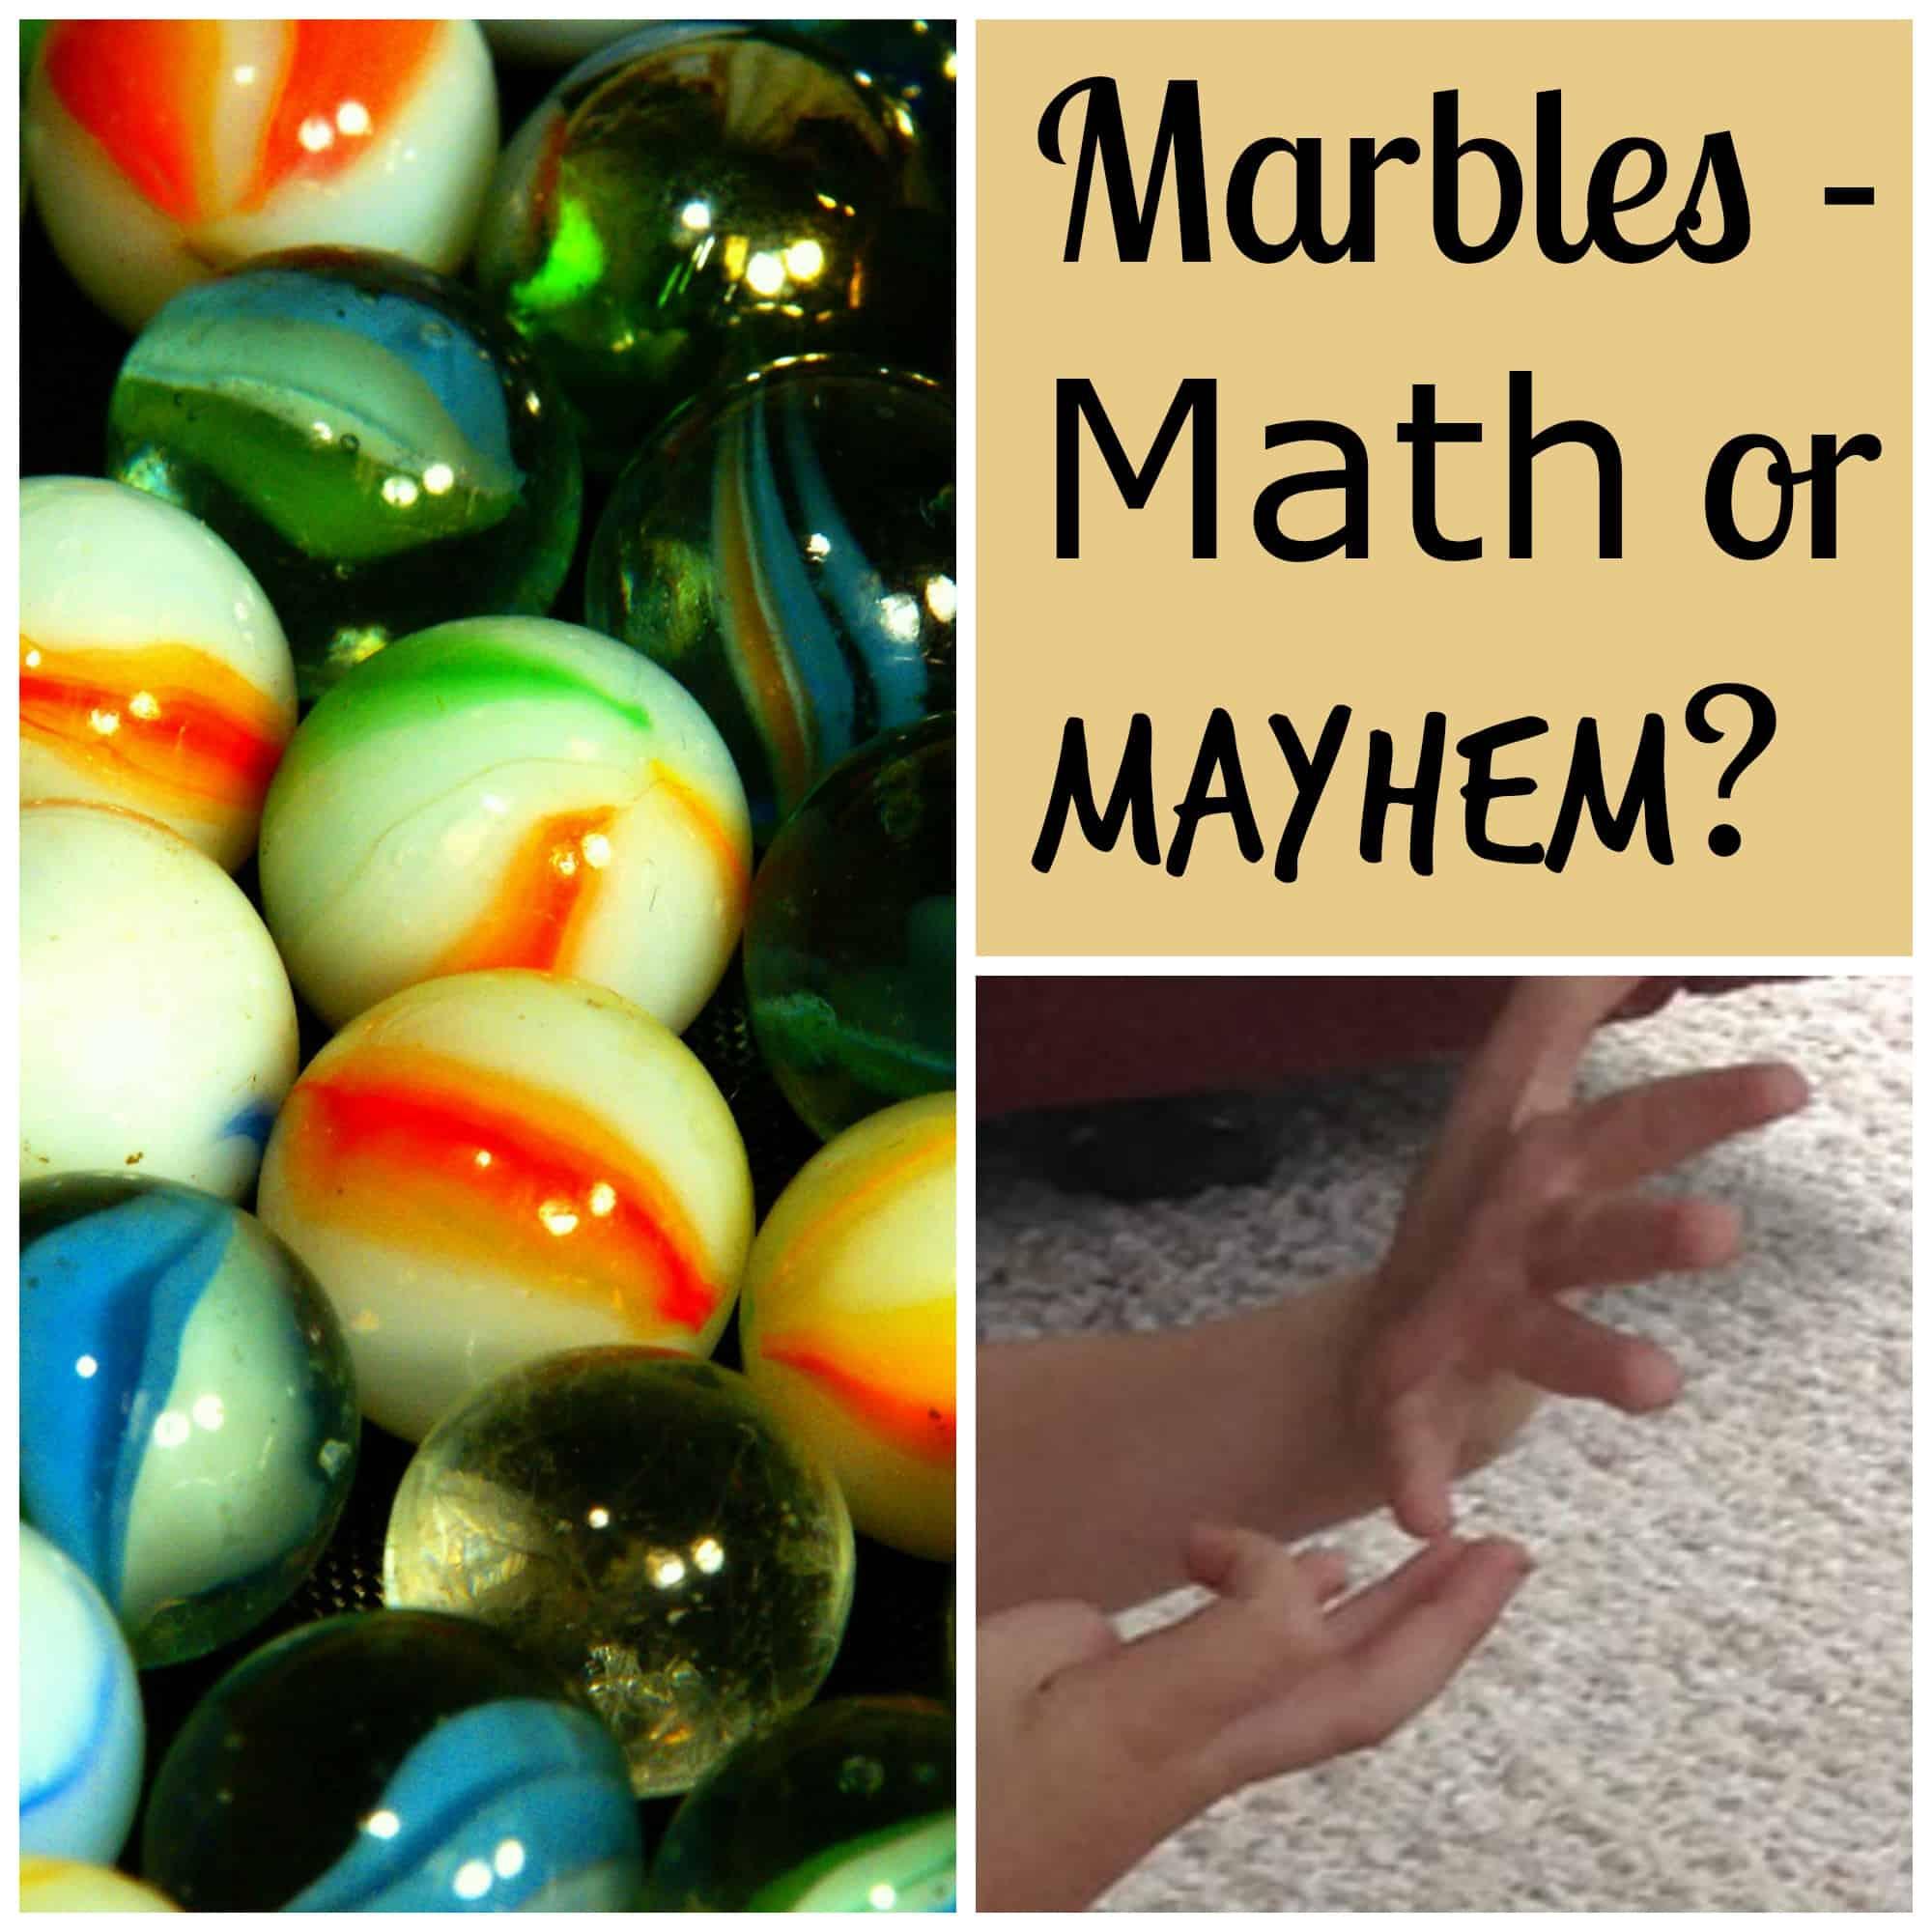 Marbles - Math or Mayhem